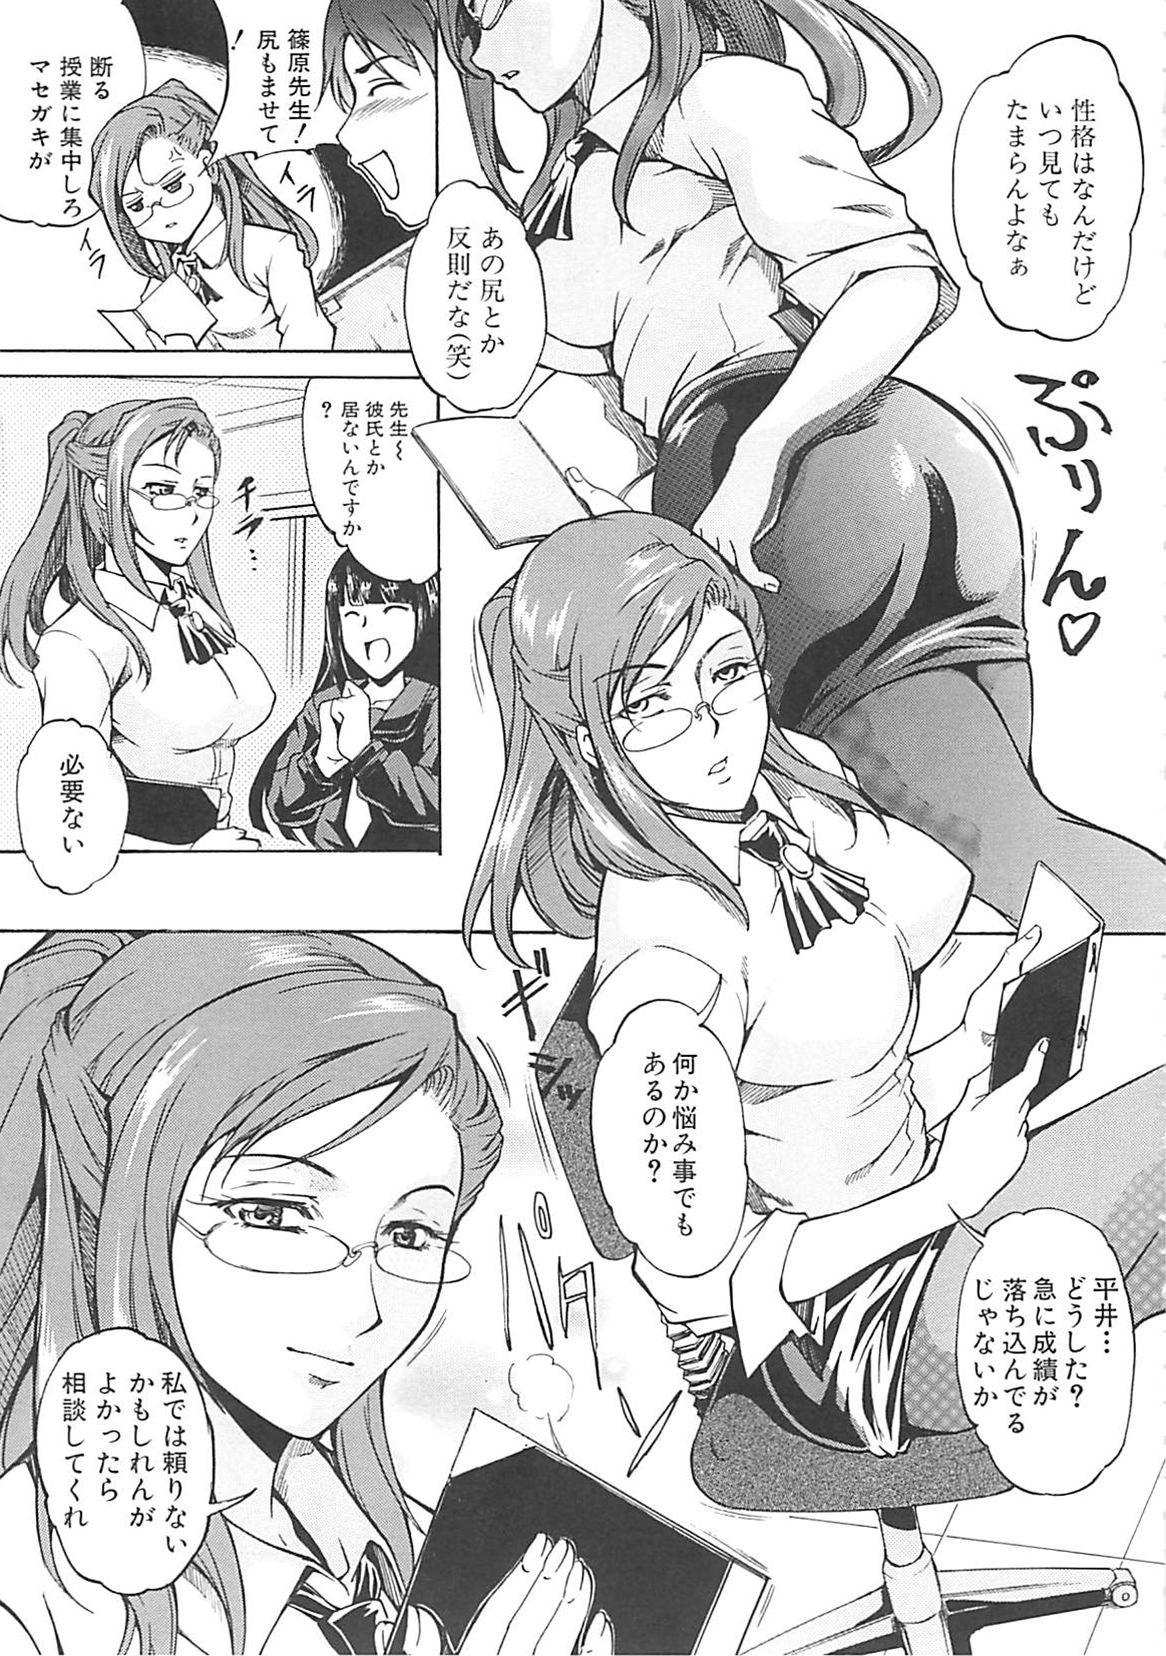 【エロ同人・エロ漫画】カタブツだと思っていた女教師は放課後目隠しをして生徒とセックスをする淫乱だったwww 001